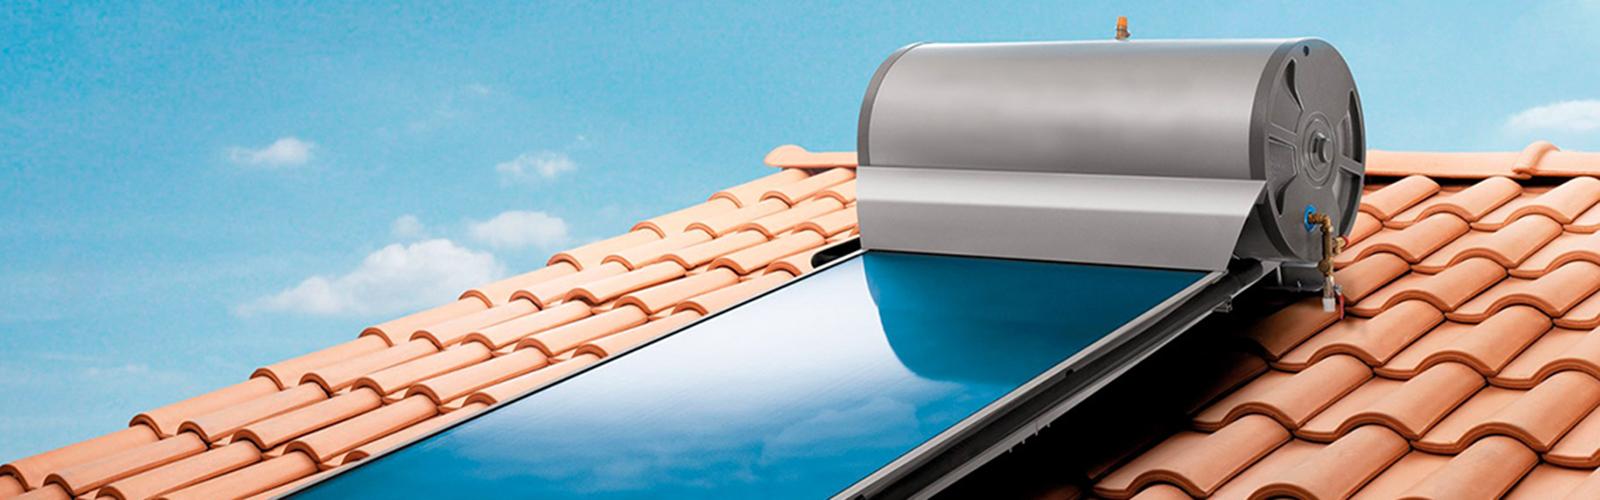 solare-termico-1600-x-500